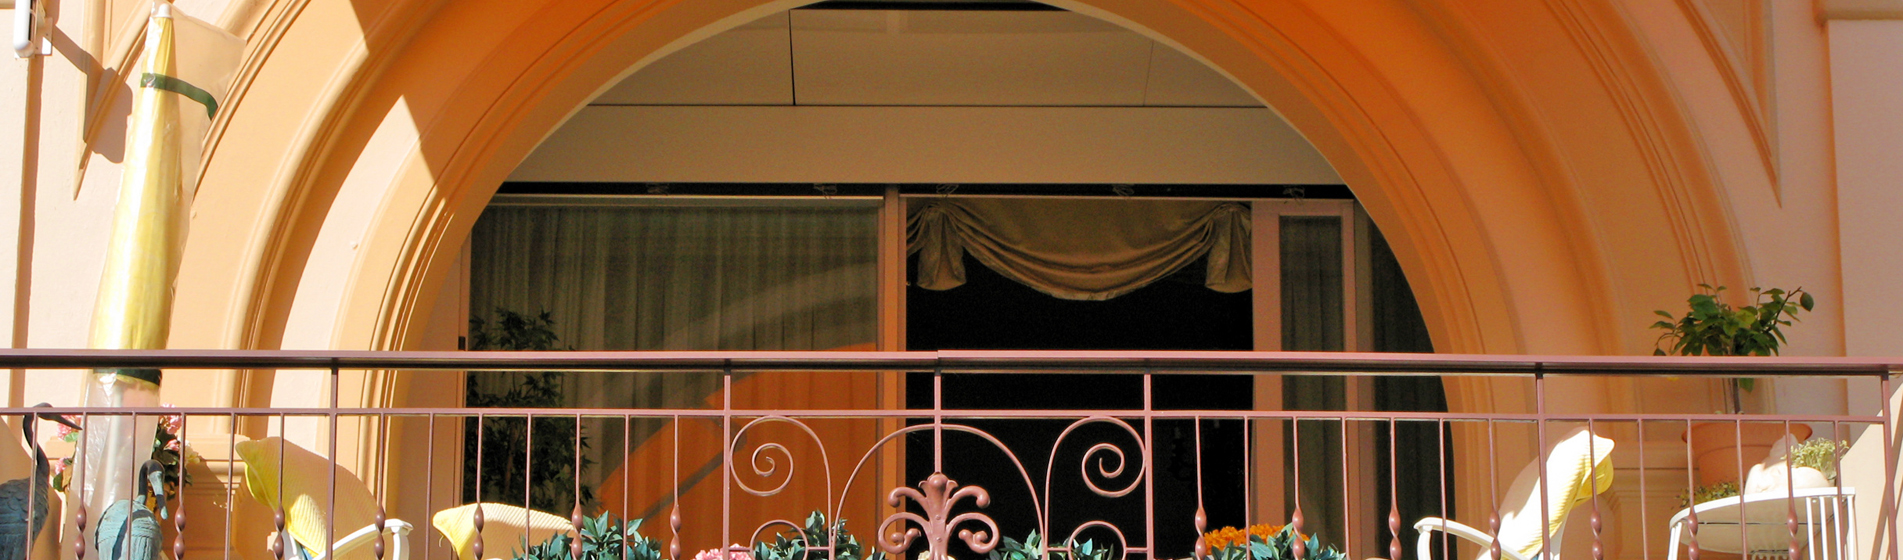 acquérir store extérieur 13 Bouches-du-Rhône